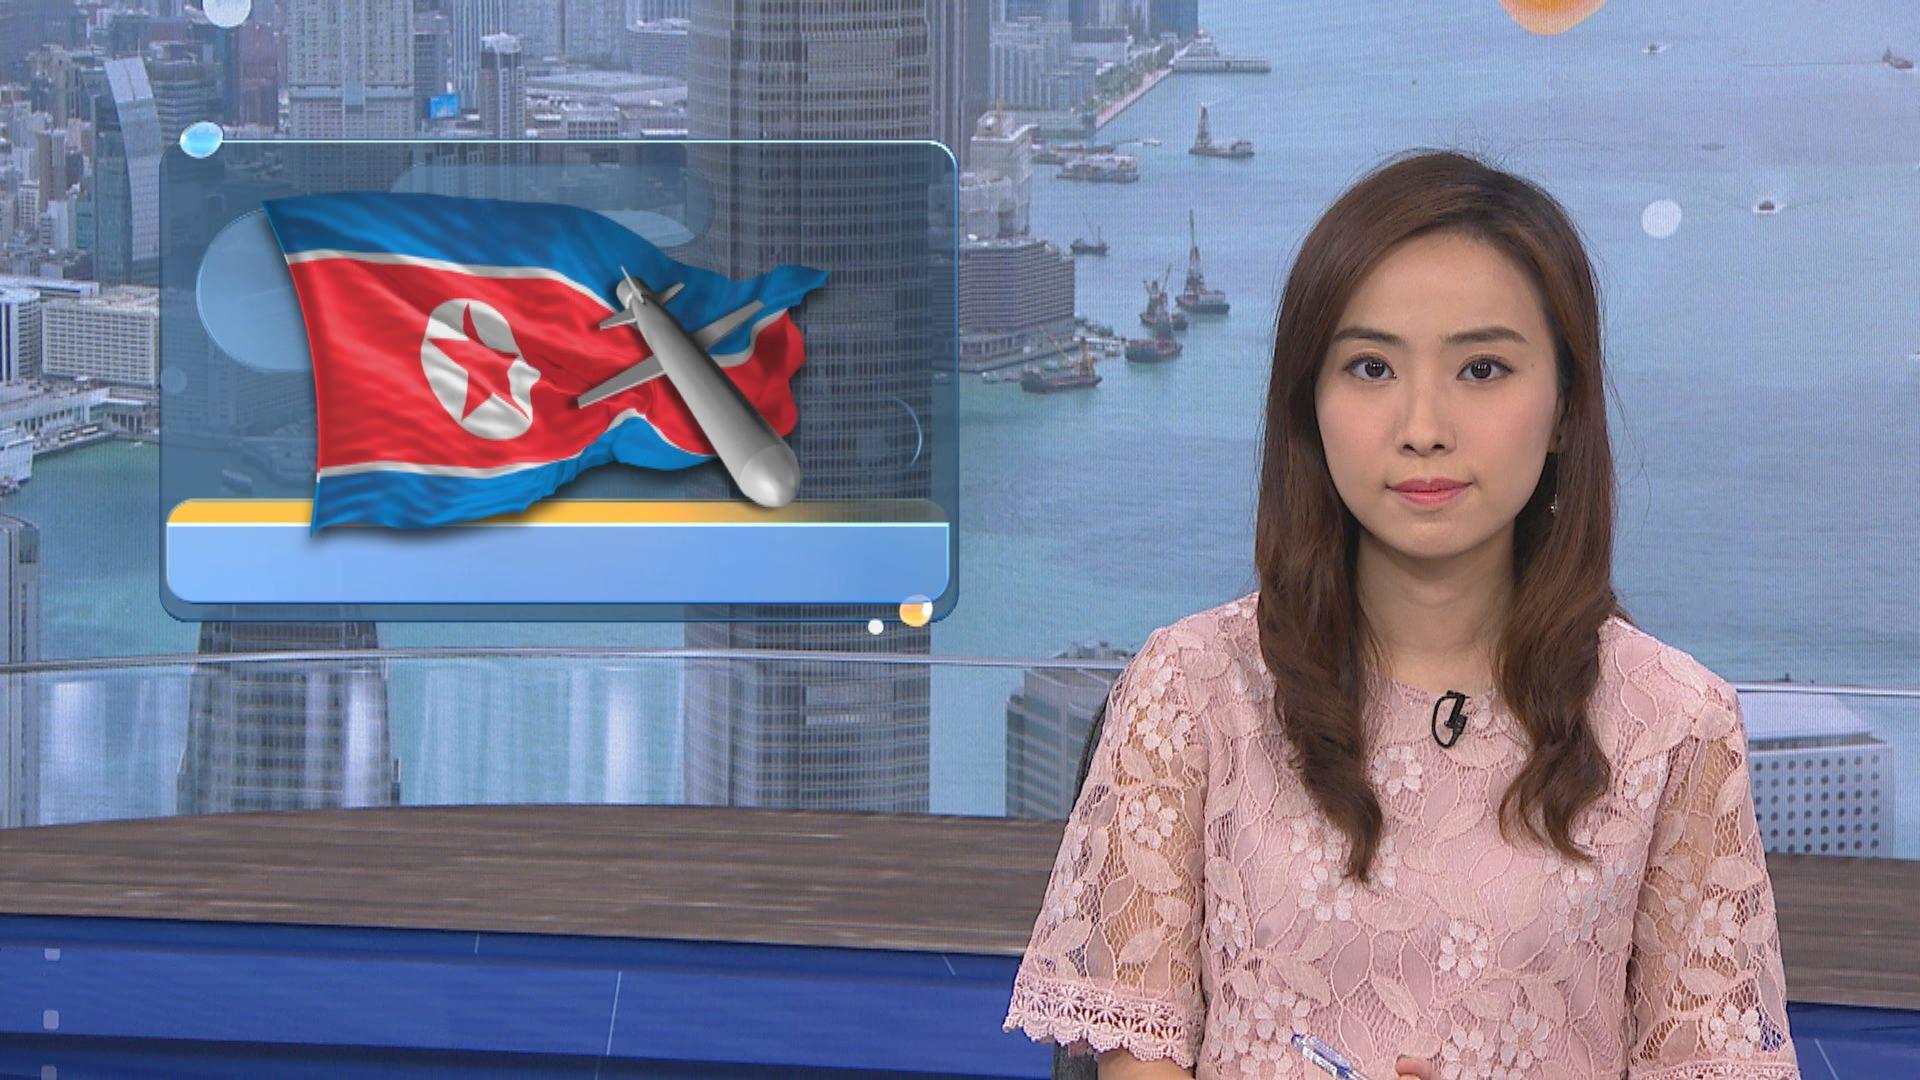 分析指北韓再試射是想對華府加強施壓